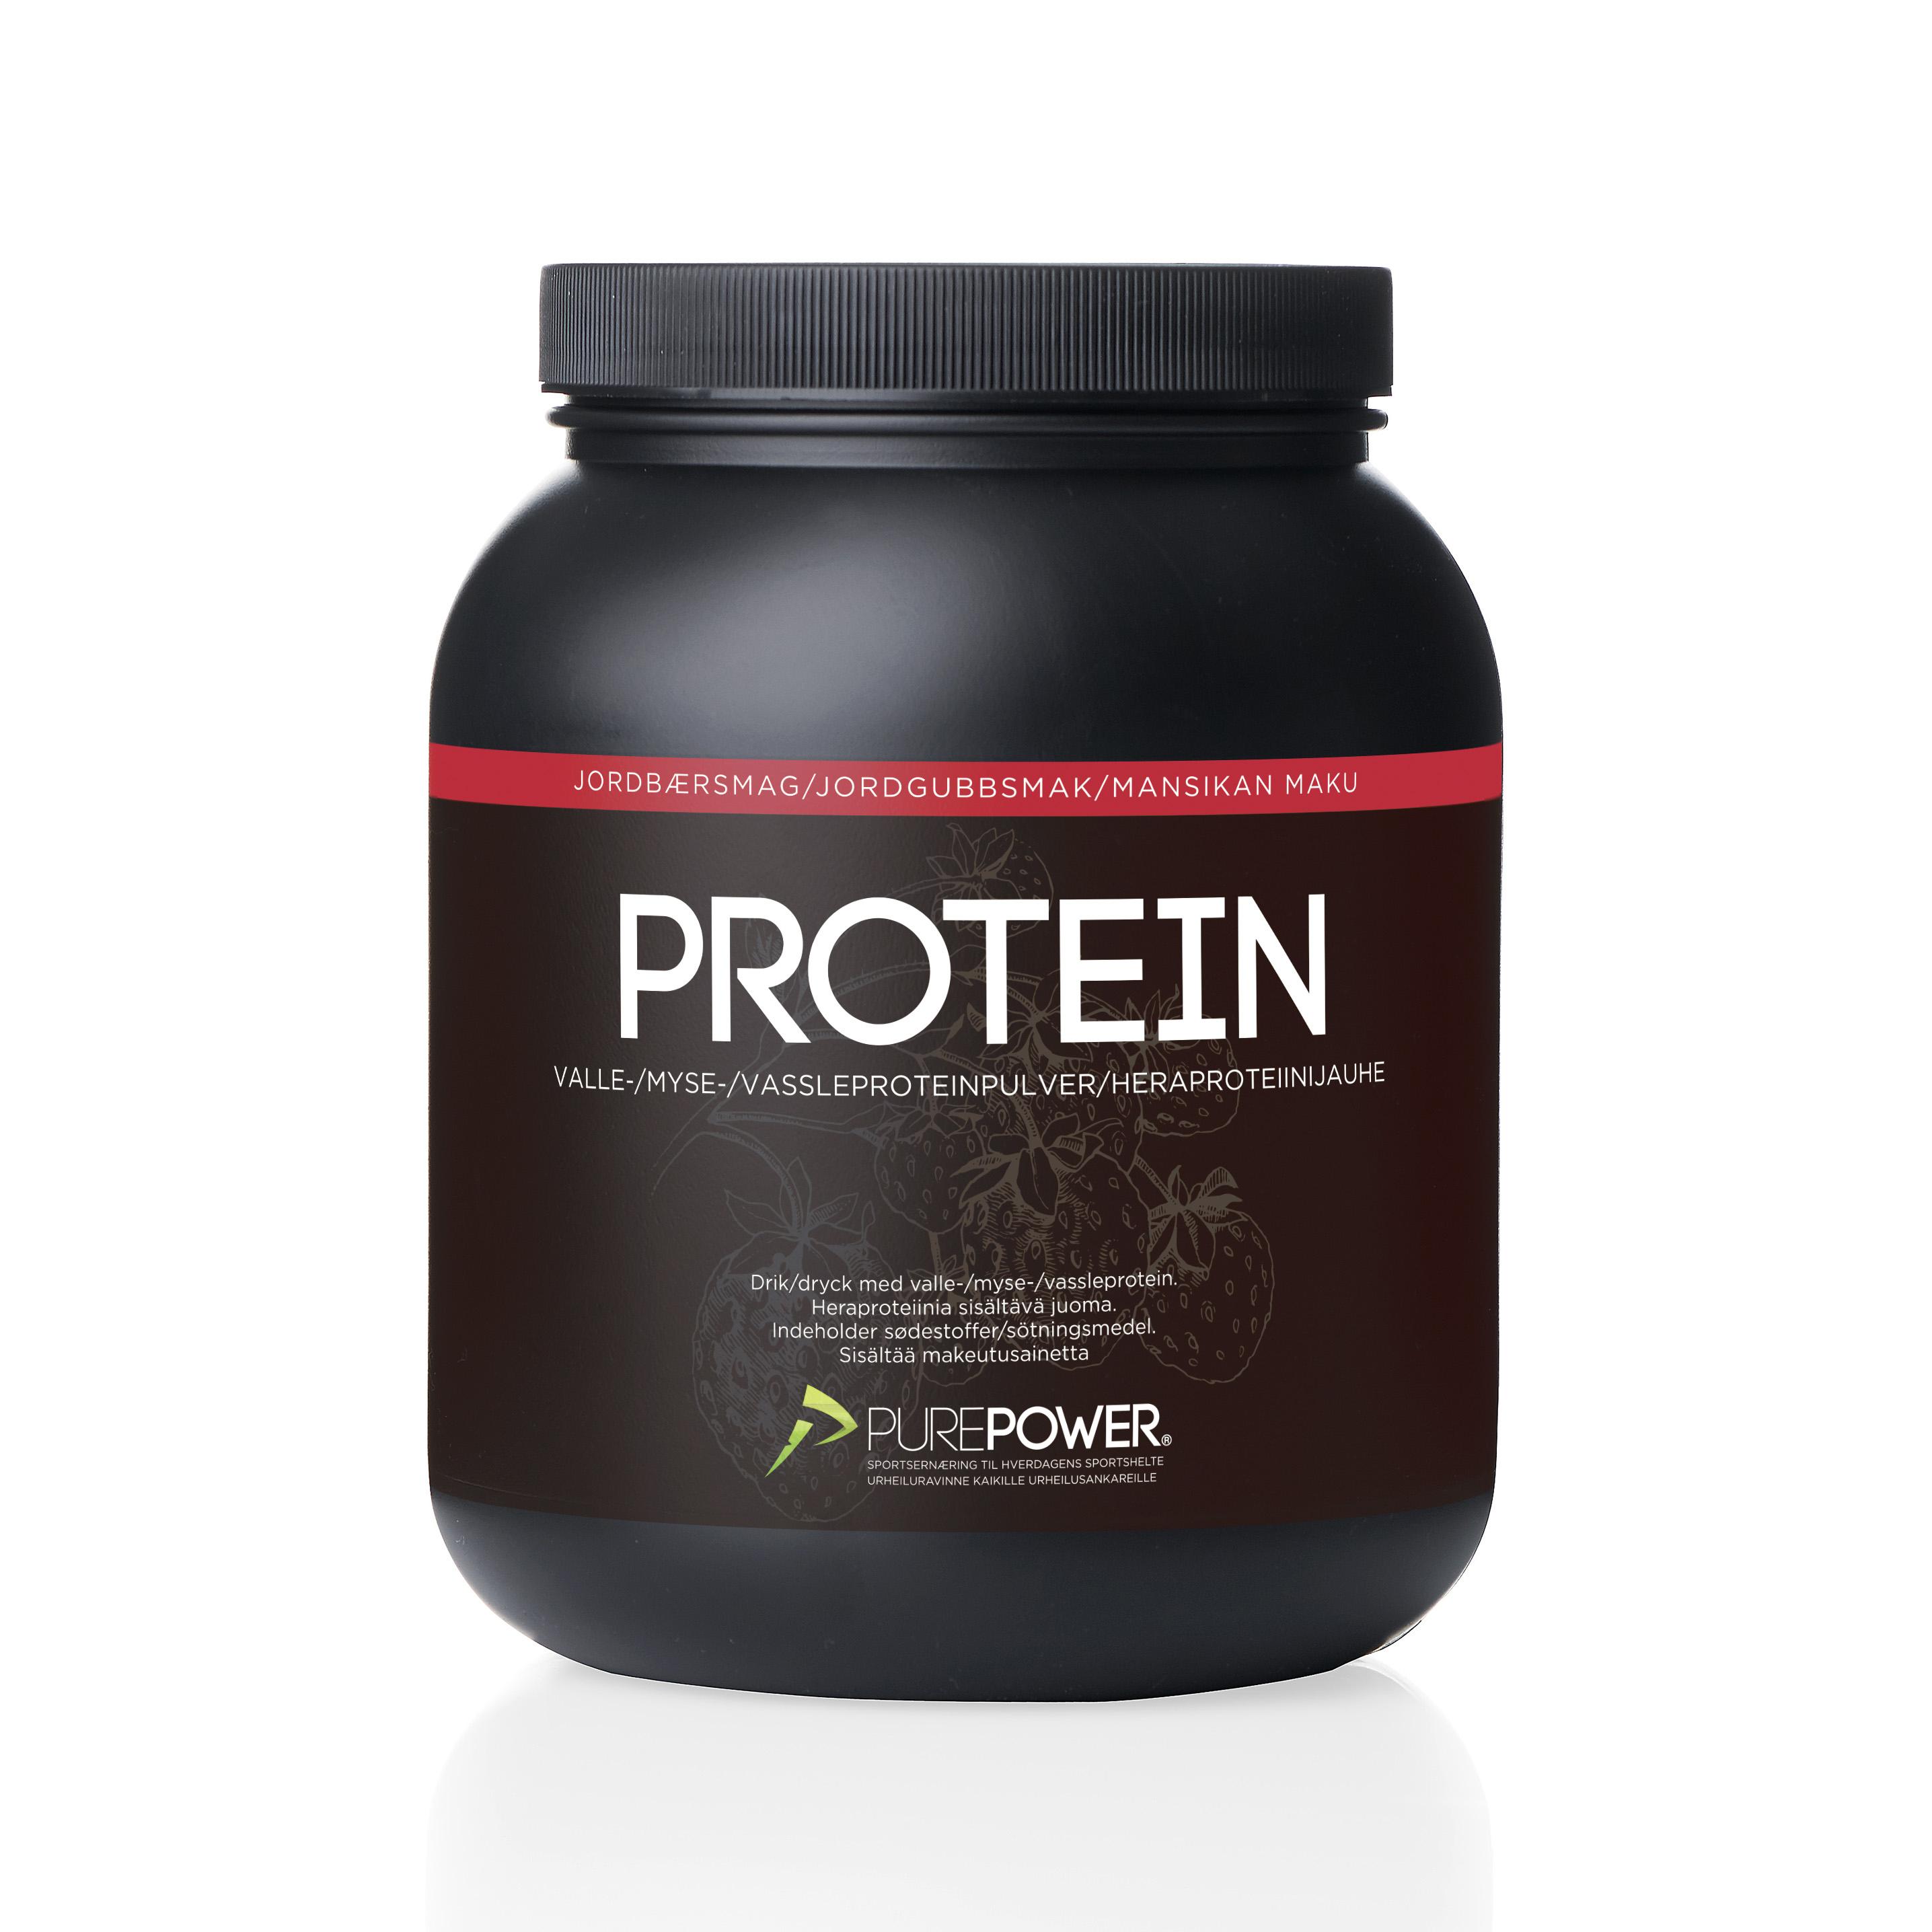 Purepower Proteinpulver - 1000g - Jordbær - 6941300   Proteinbar og -pulver